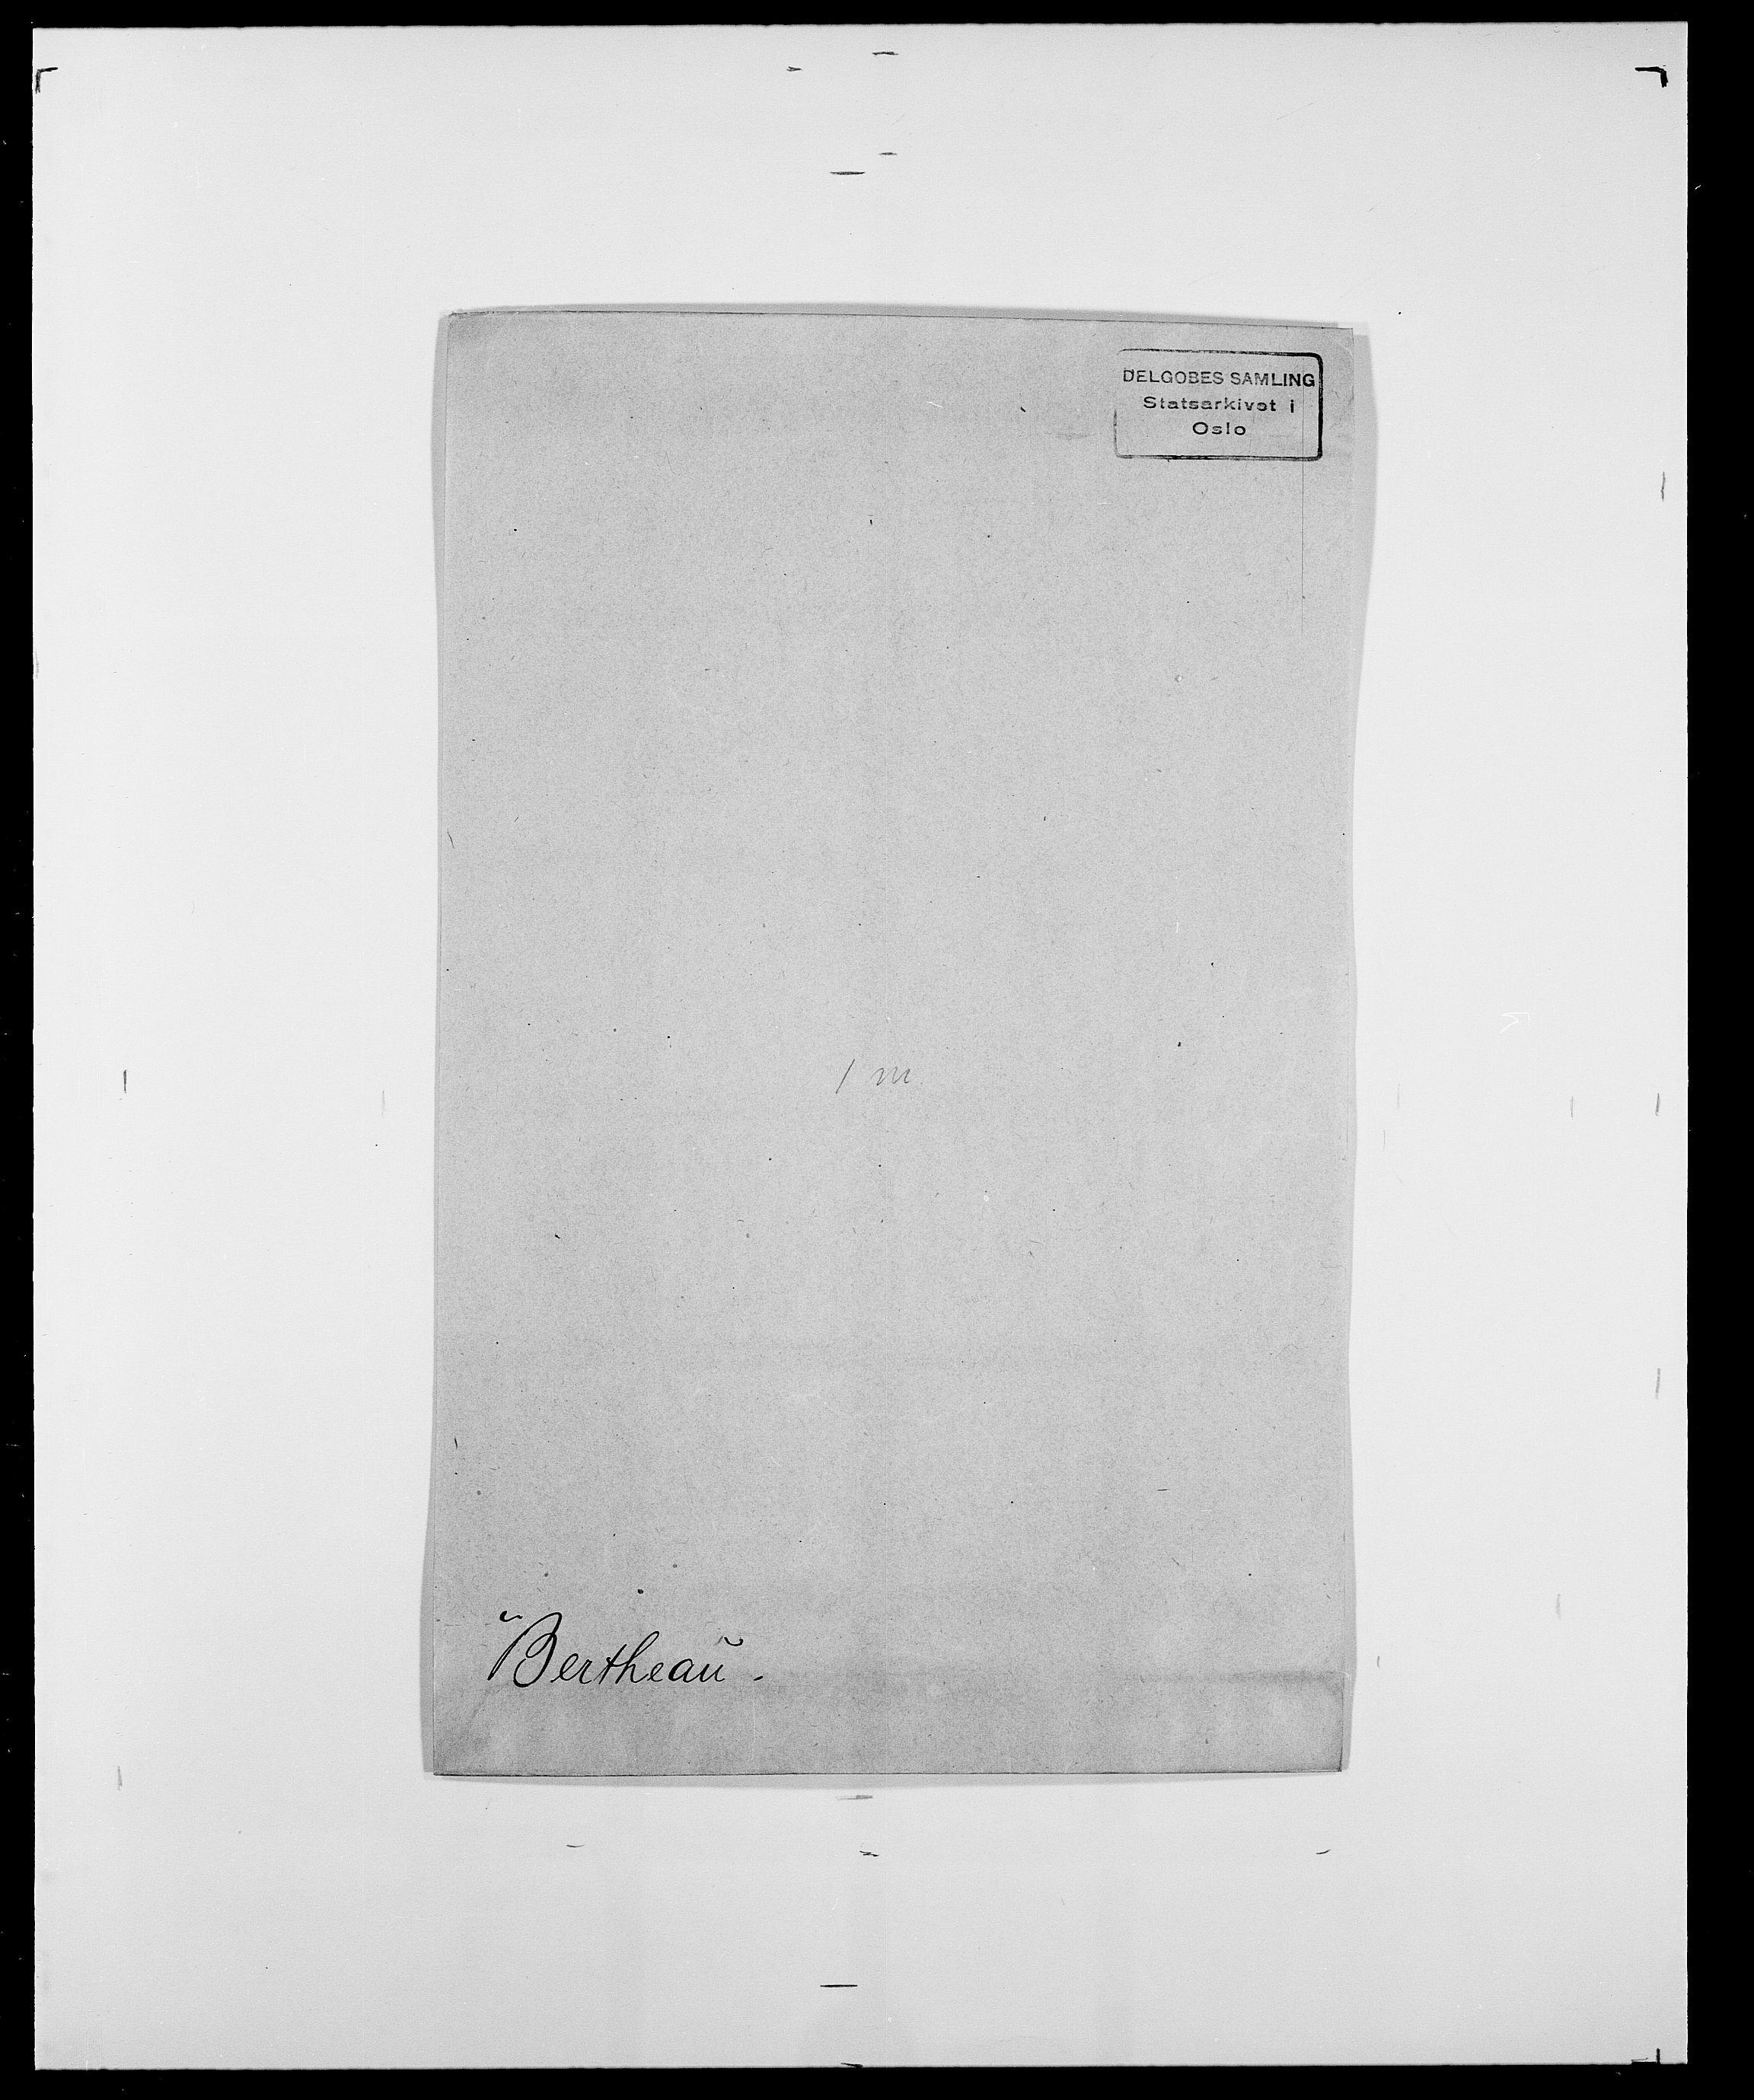 SAO, Delgobe, Charles Antoine - samling, D/Da/L0004: Bergendahl - Blære, s. 109